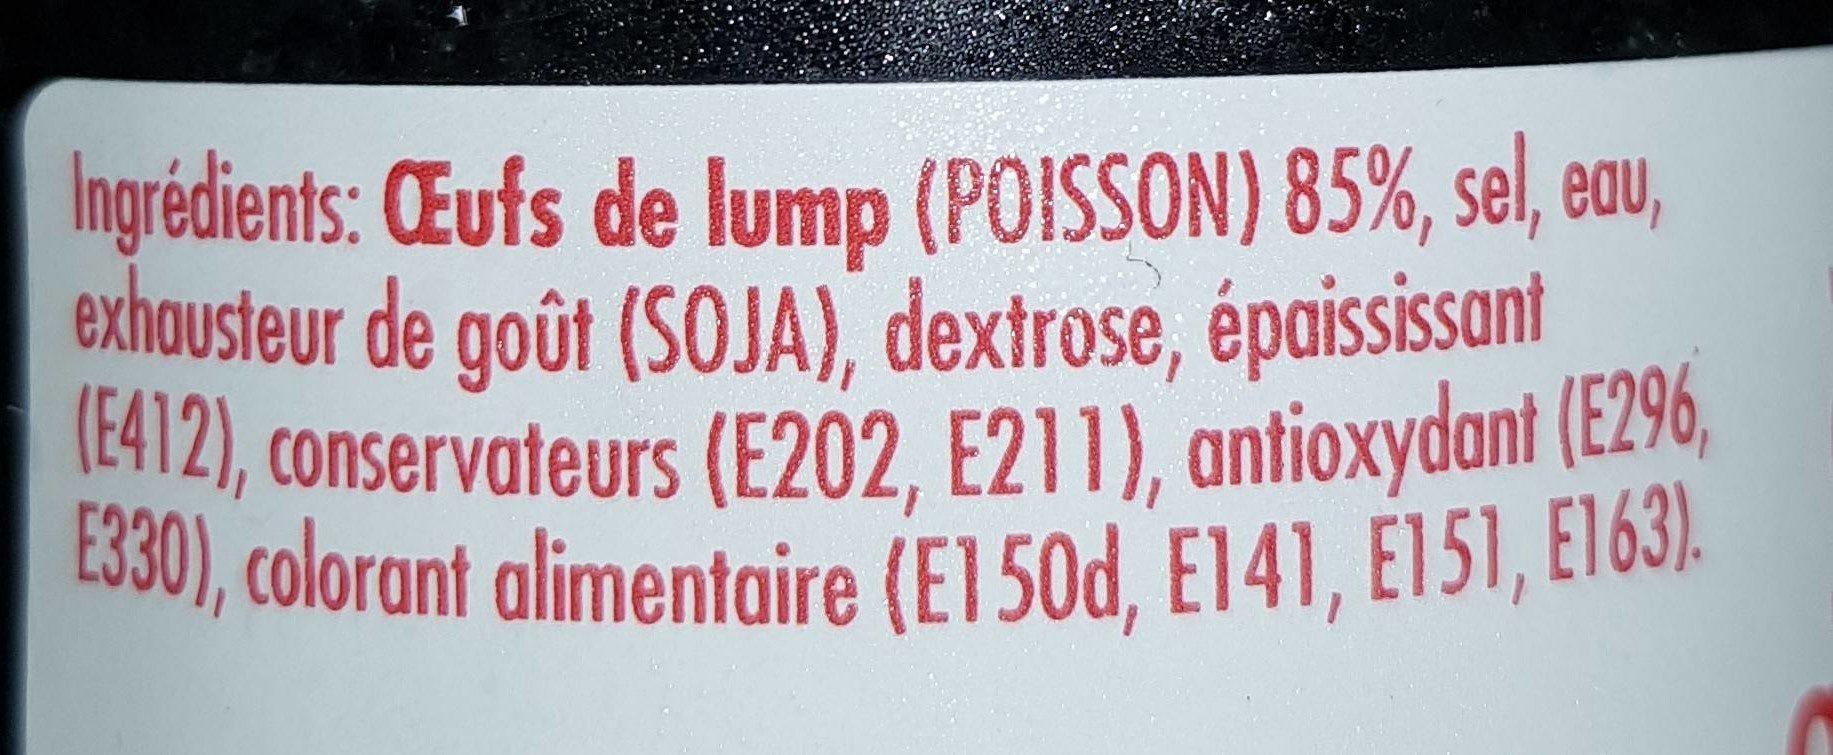 Oeufs de lump - Ingrédients - fr